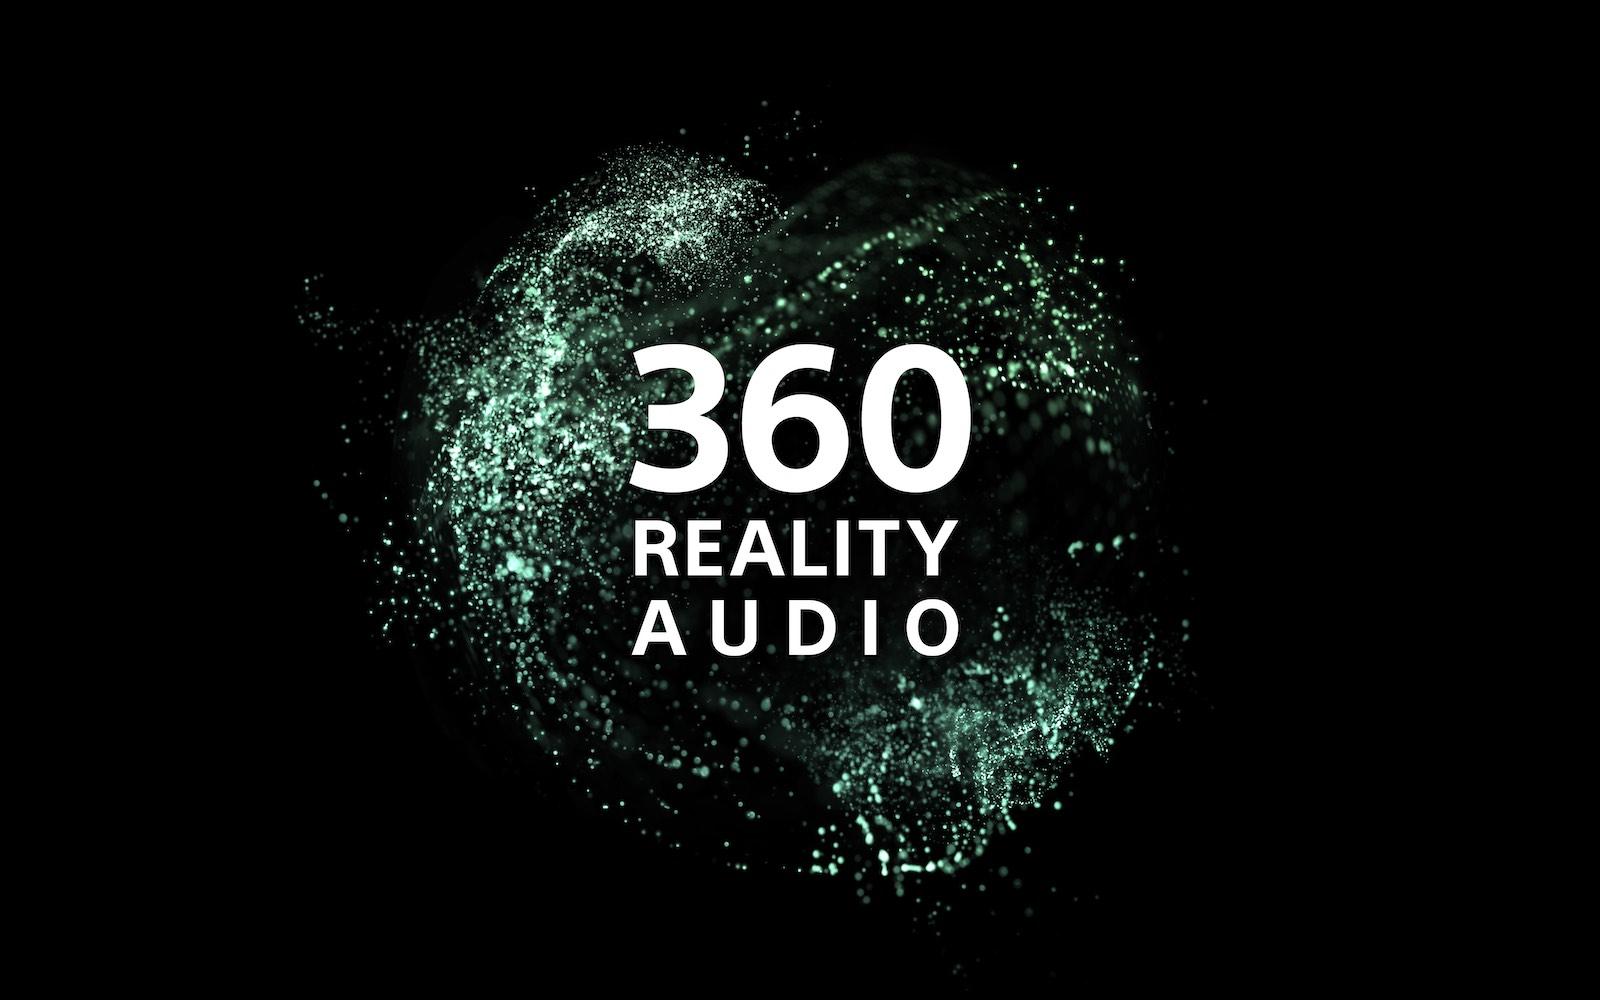 Sony 360 Reality Audio mit MPEG-H Wiedergabe für ein räumliches Klangerlebnis mit Headphones